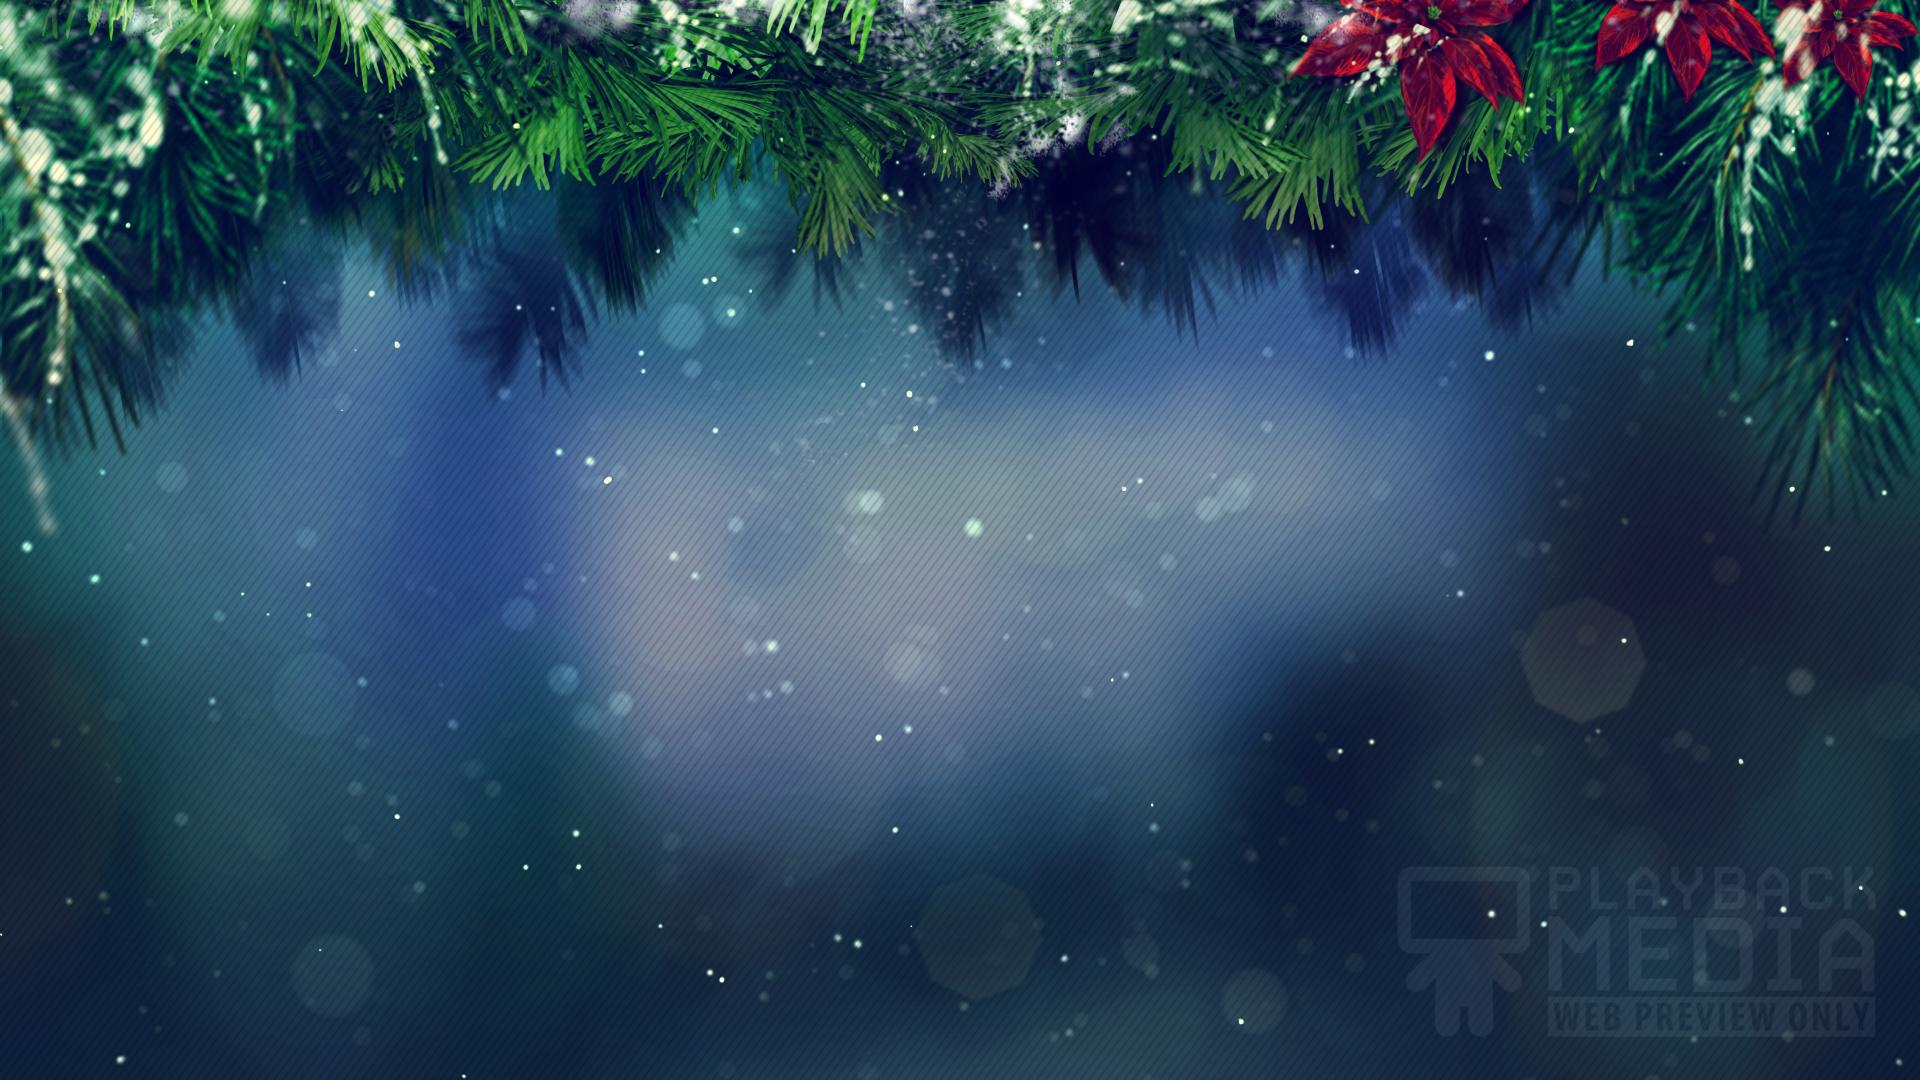 Christmas Carol Motion 3 Image